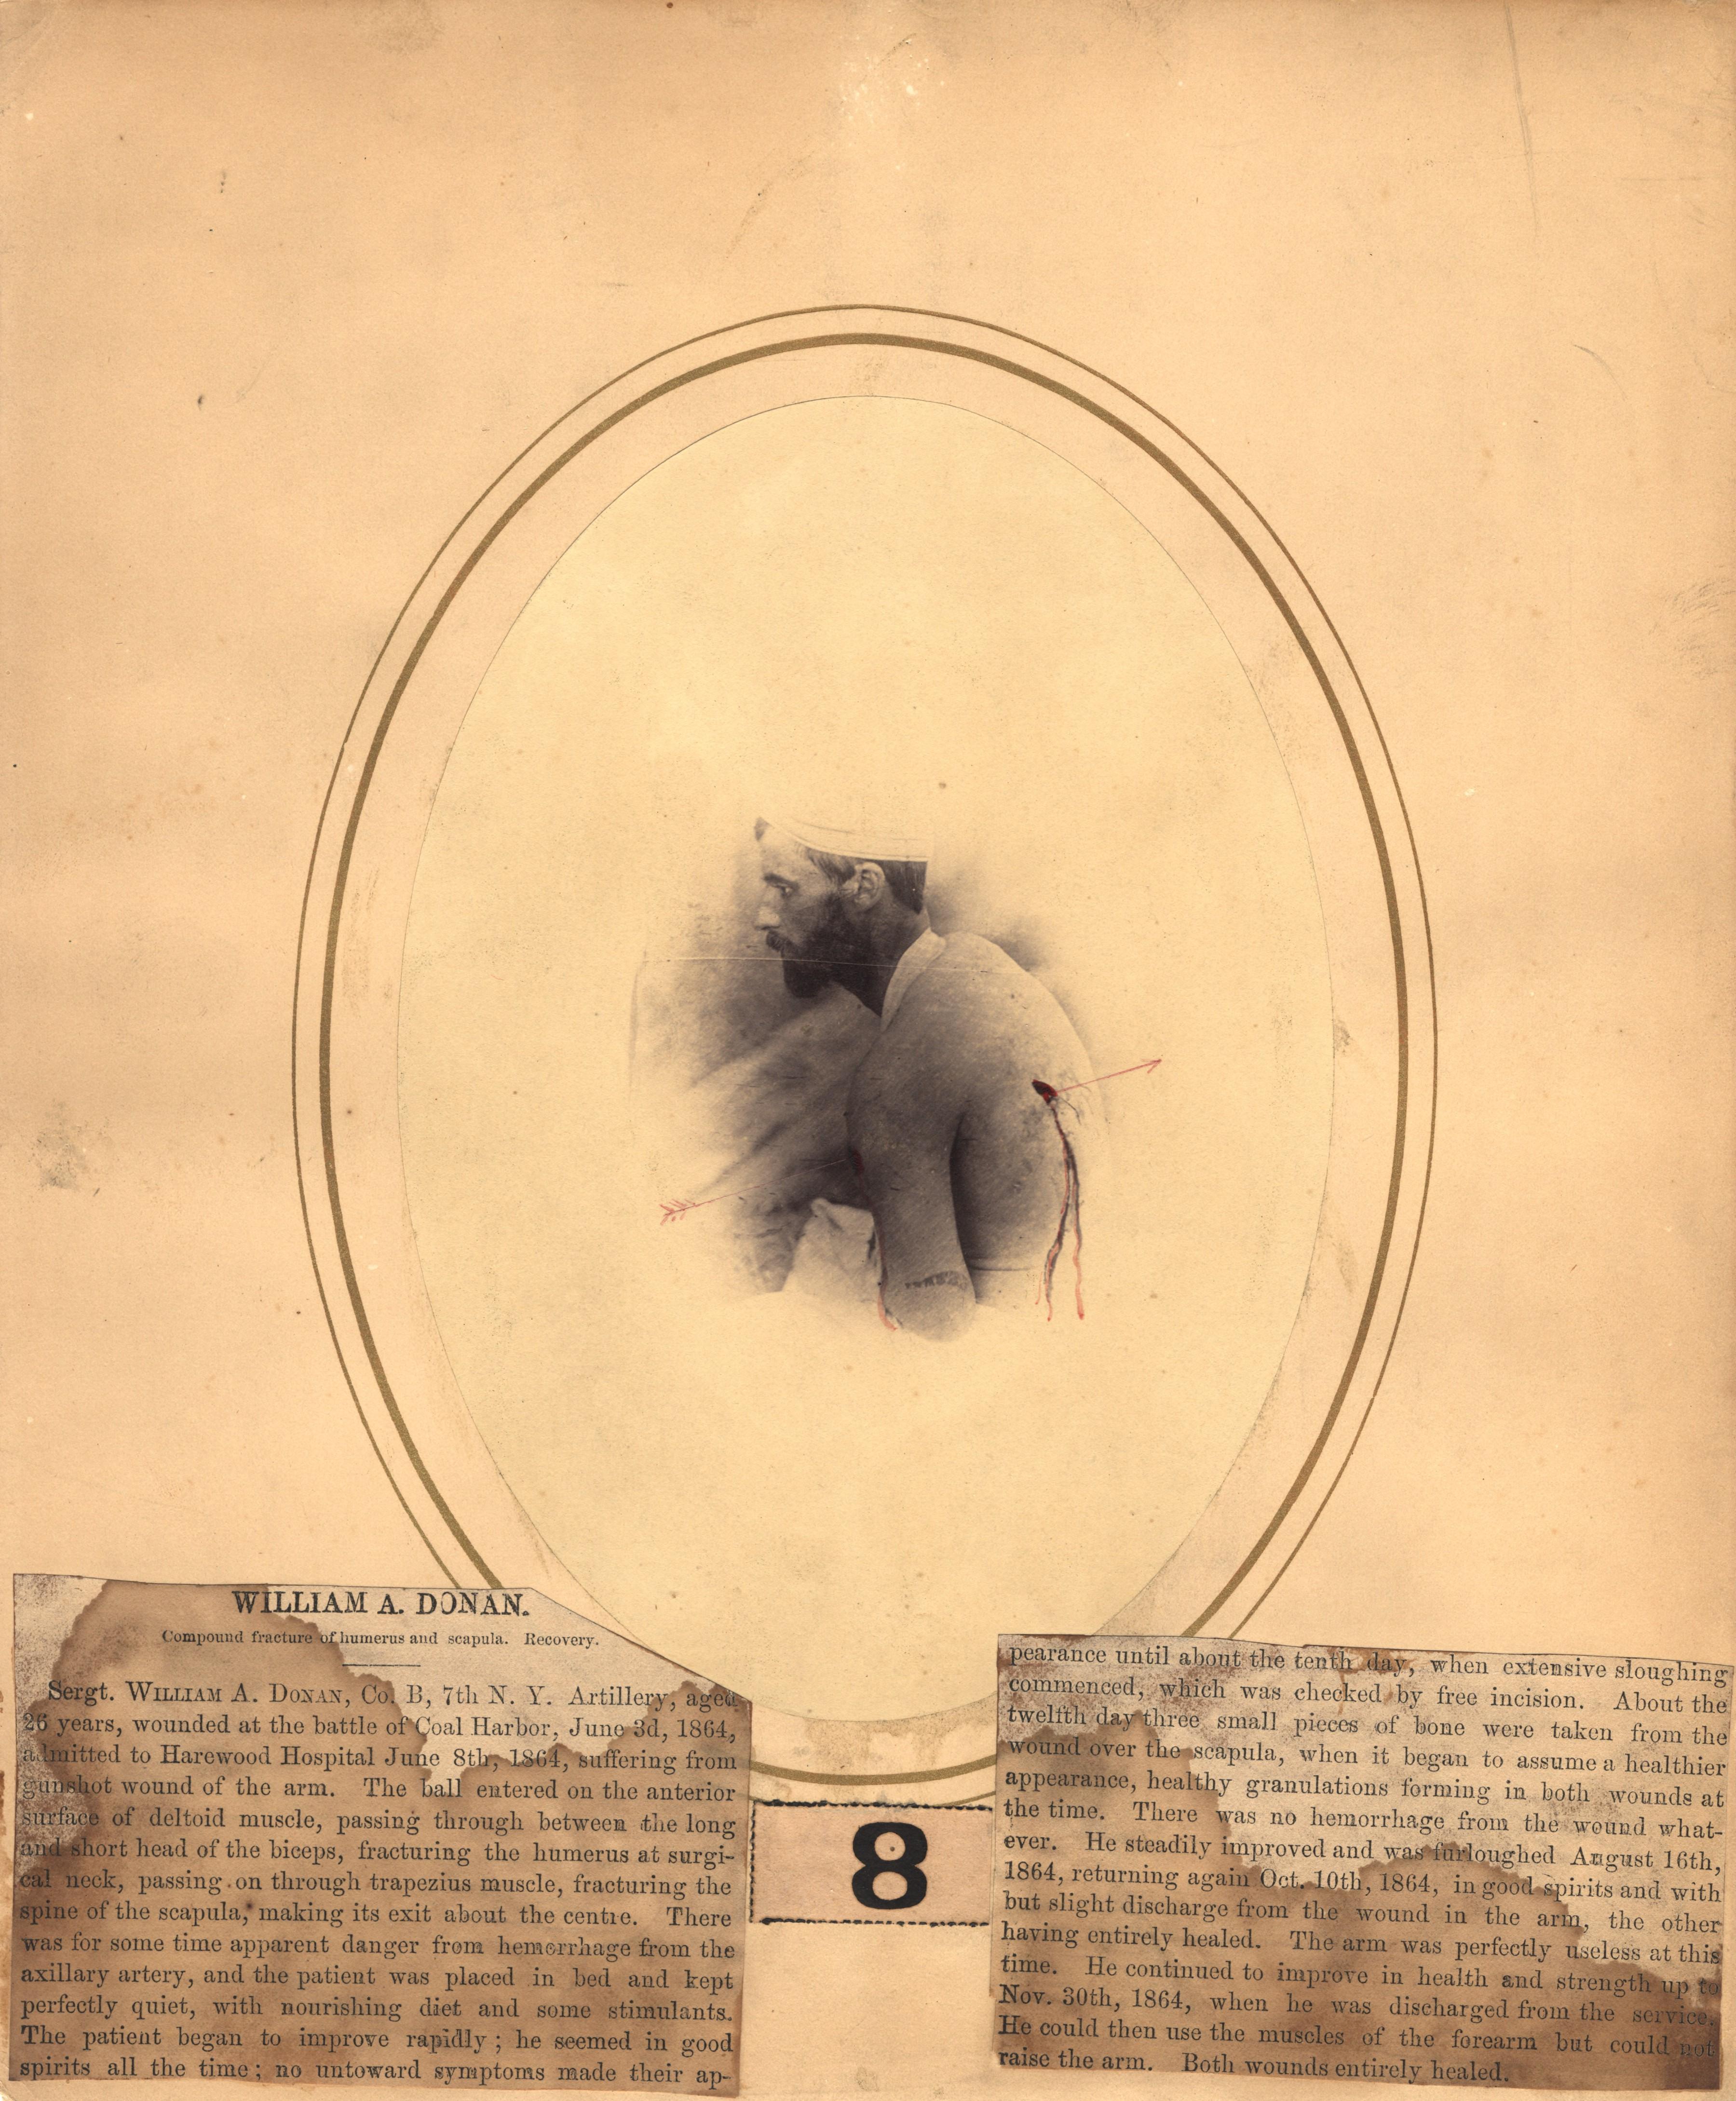 Fotó: Reed B. Bontecou: William A Donan, 26 éves őrmester, 1864. június 3-án sebesült meg Coal Harbor közelében, The National Library of Medicine